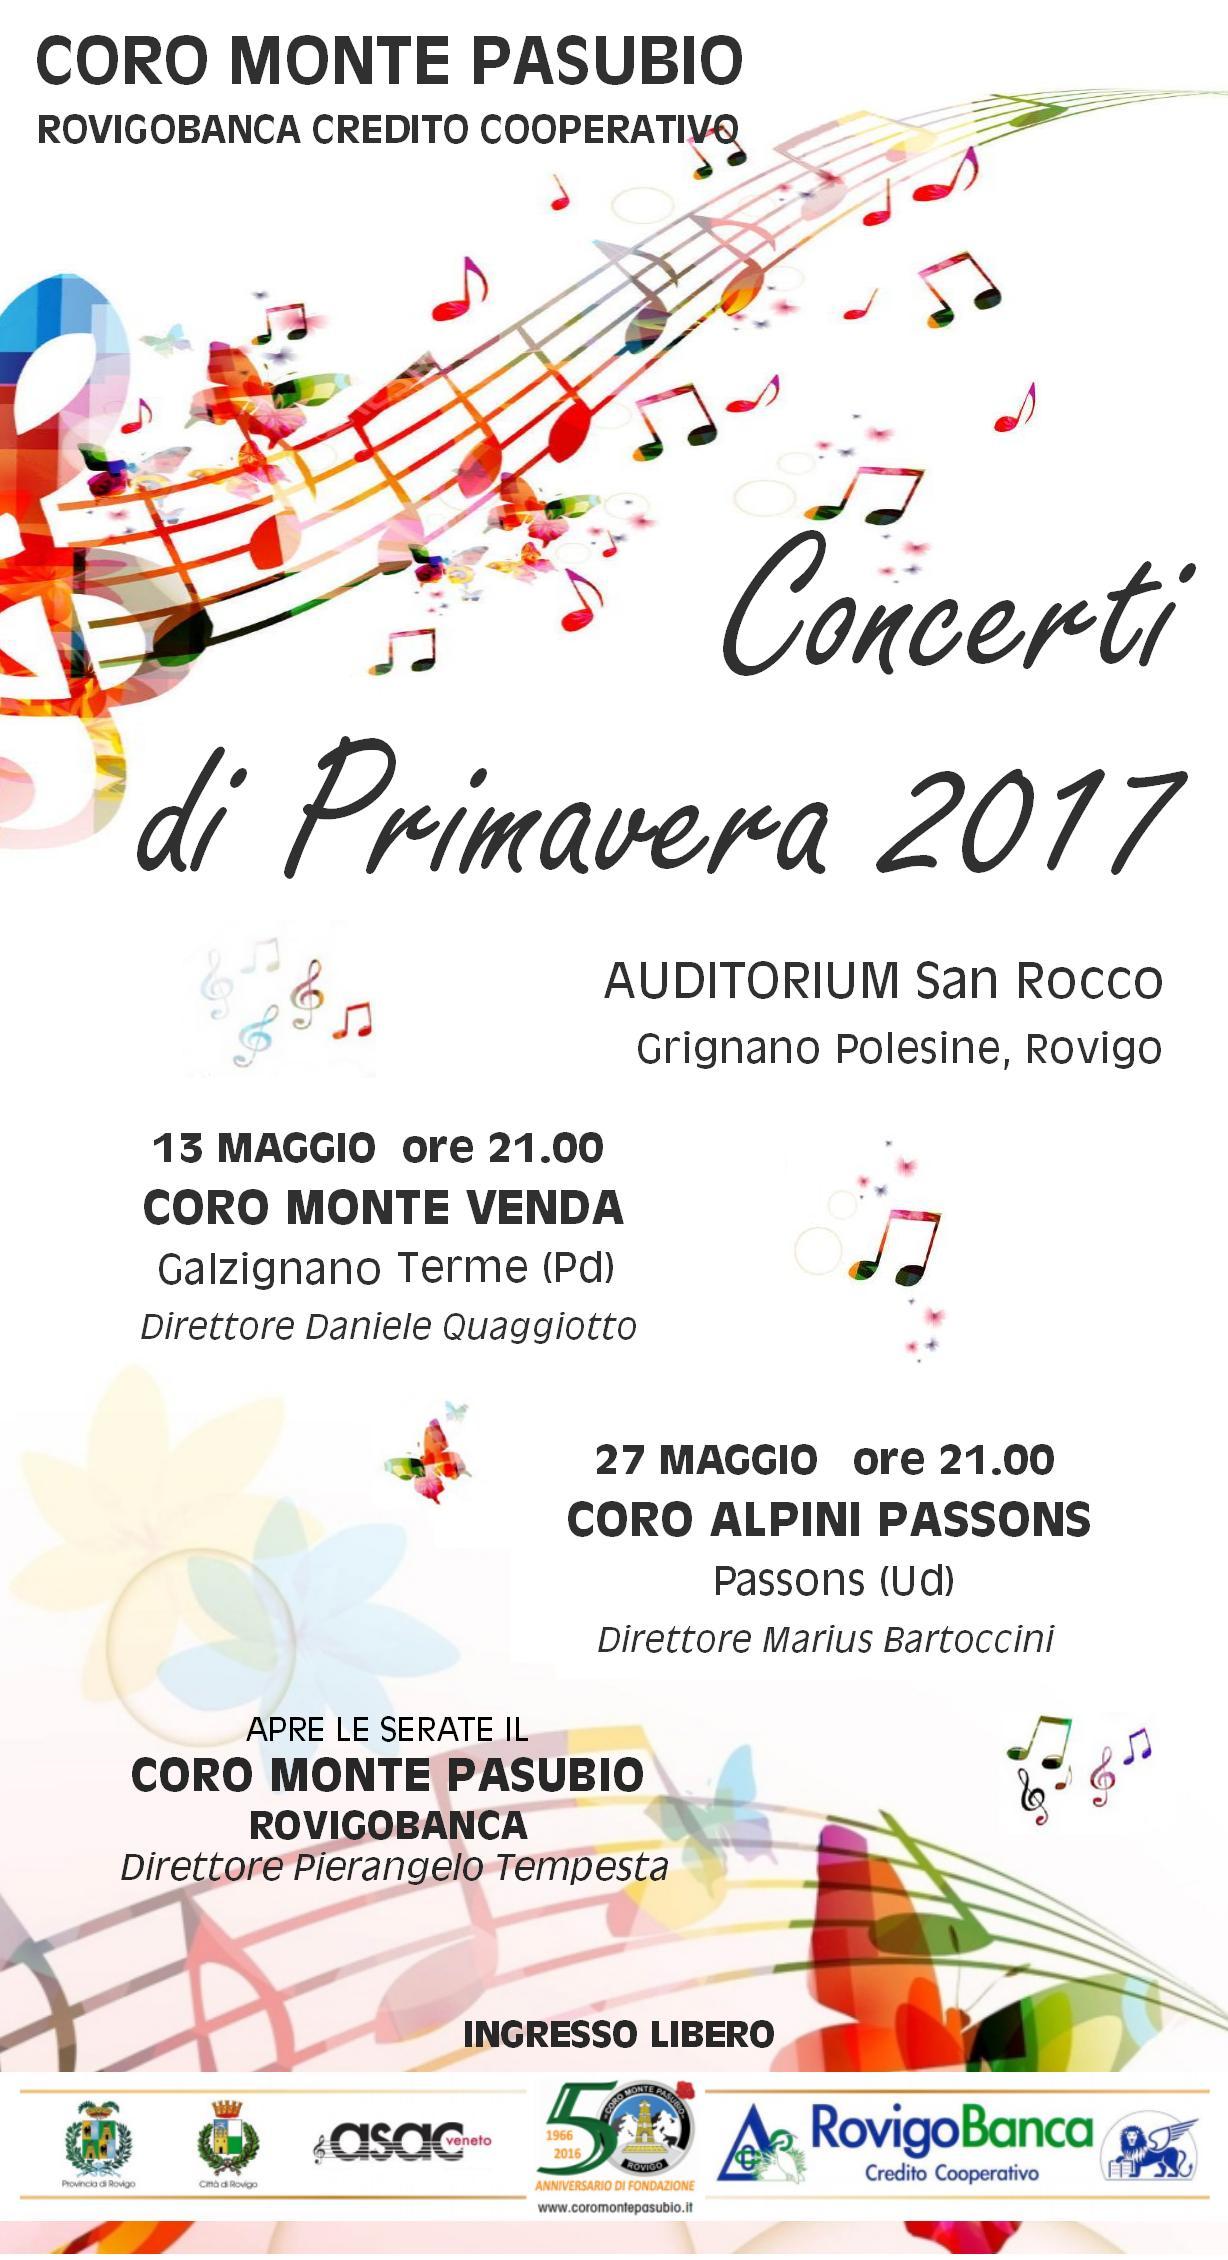 Concerti di Primavera 2017